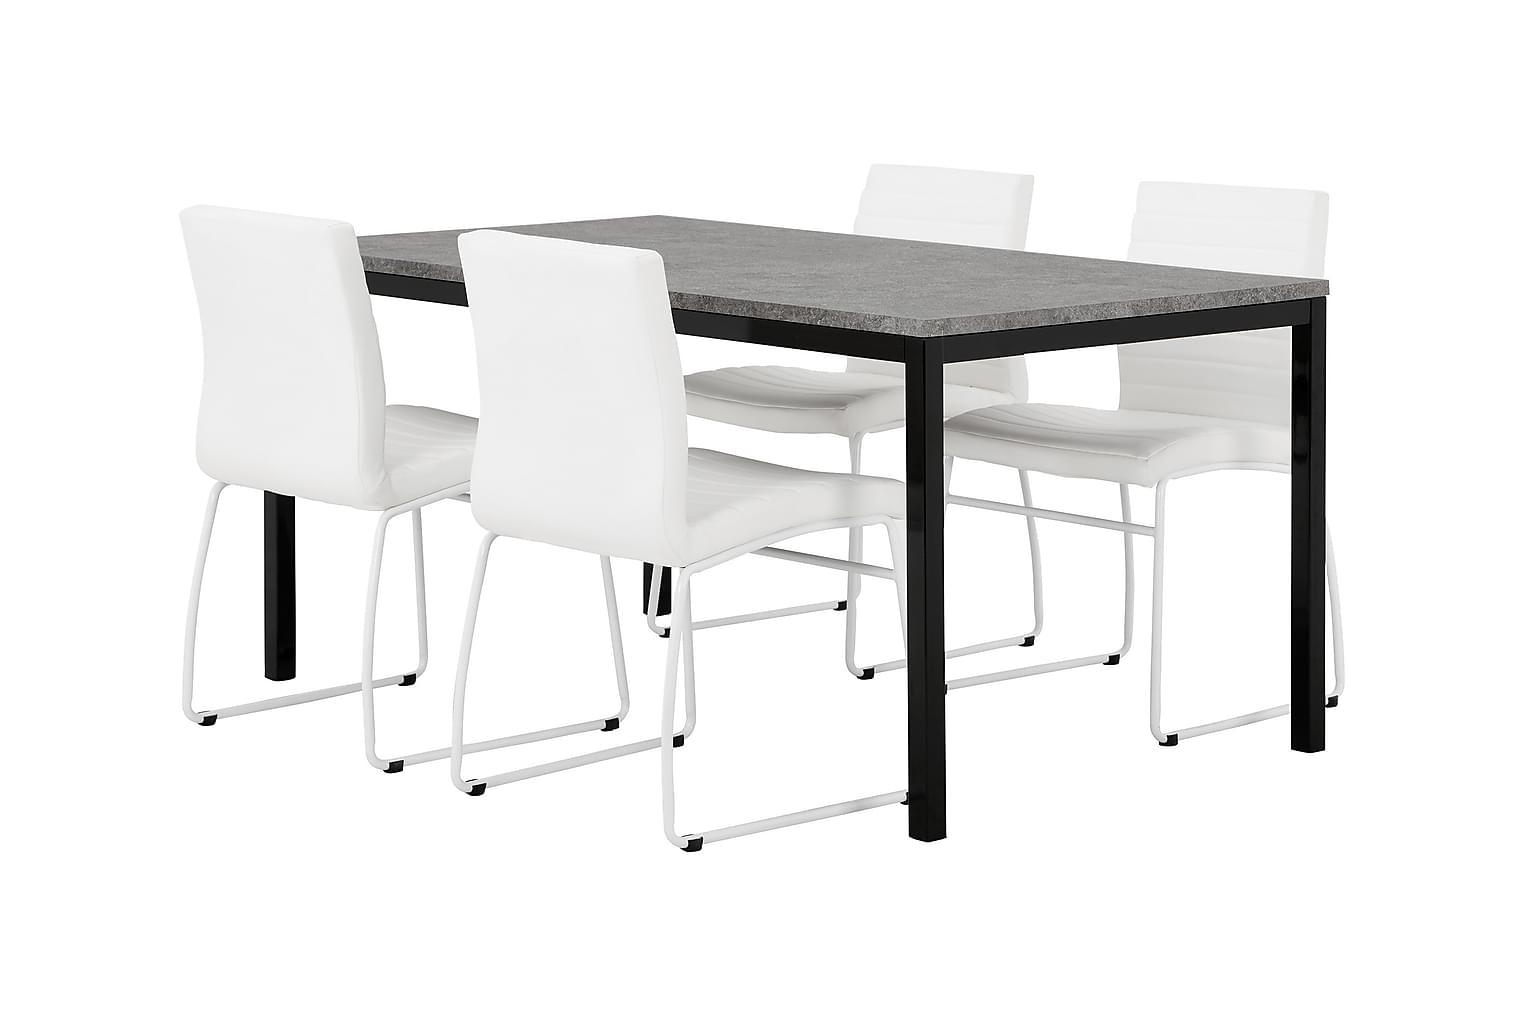 MITA Pöytä 160 Betoni/Musta + 4 FRIO Tuoli Valkoinen